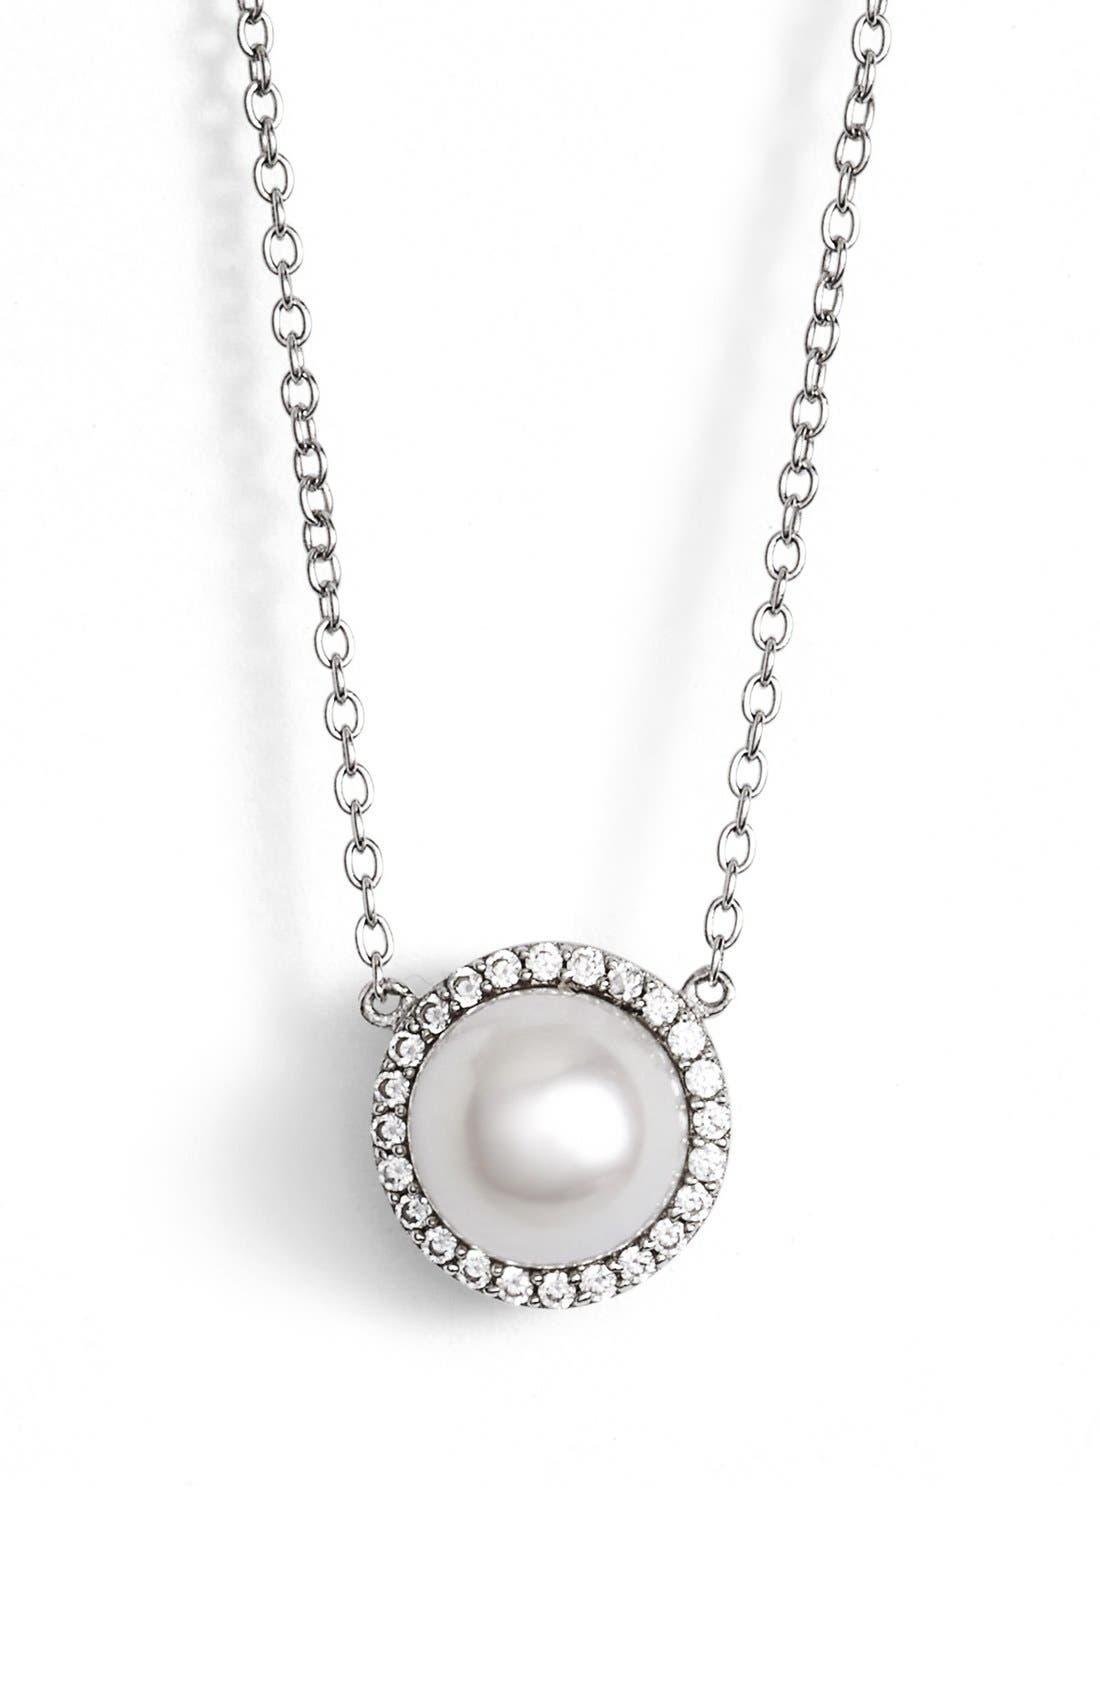 LAFONN Lassaire Pearl Pendant Necklace